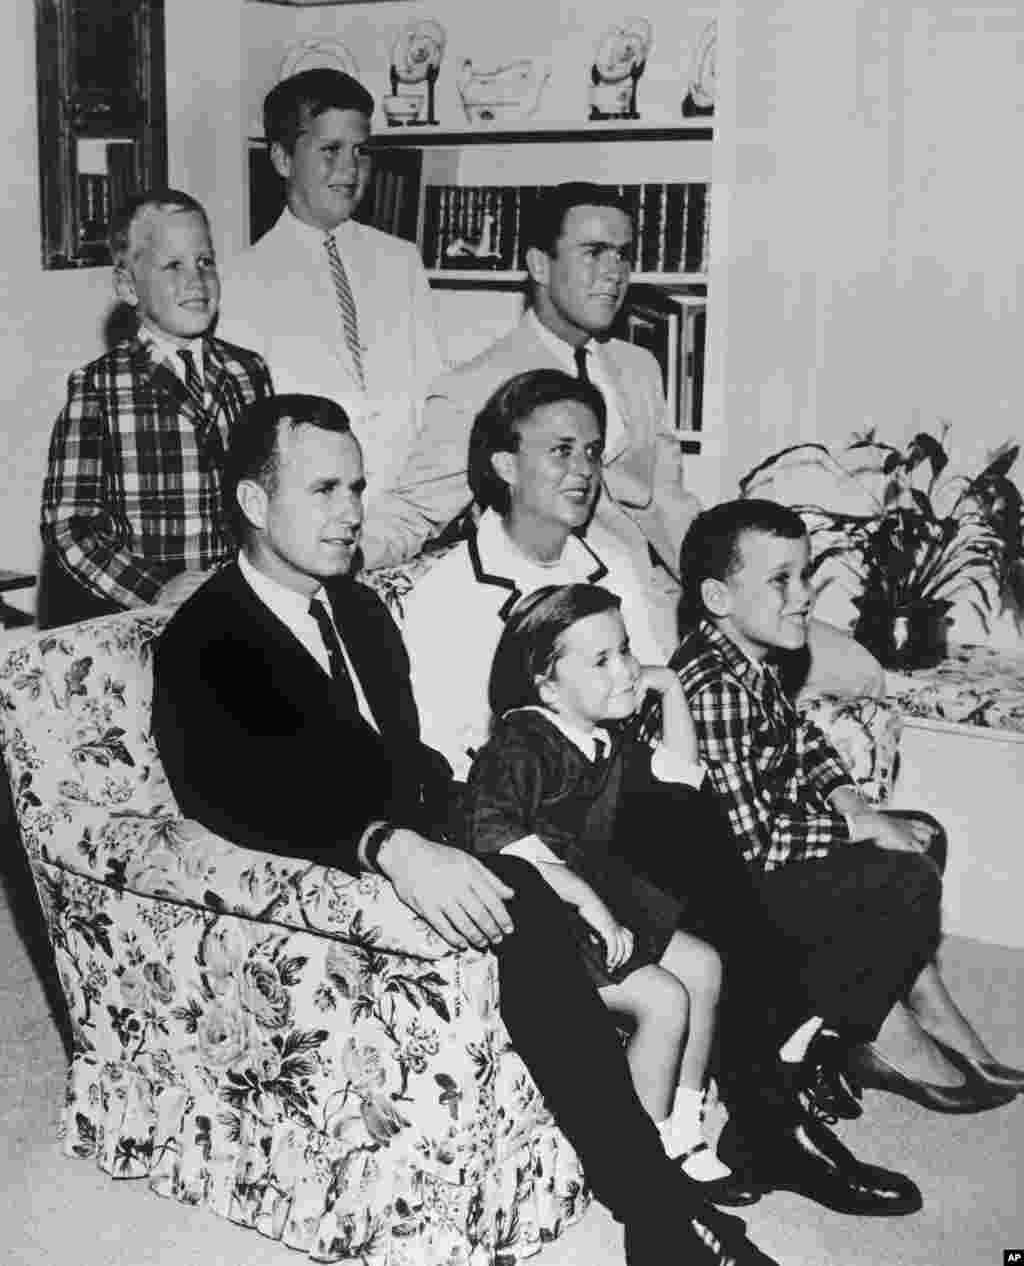 1964年,喬治布殊的全家福照片。小布殊坐在母親右邊